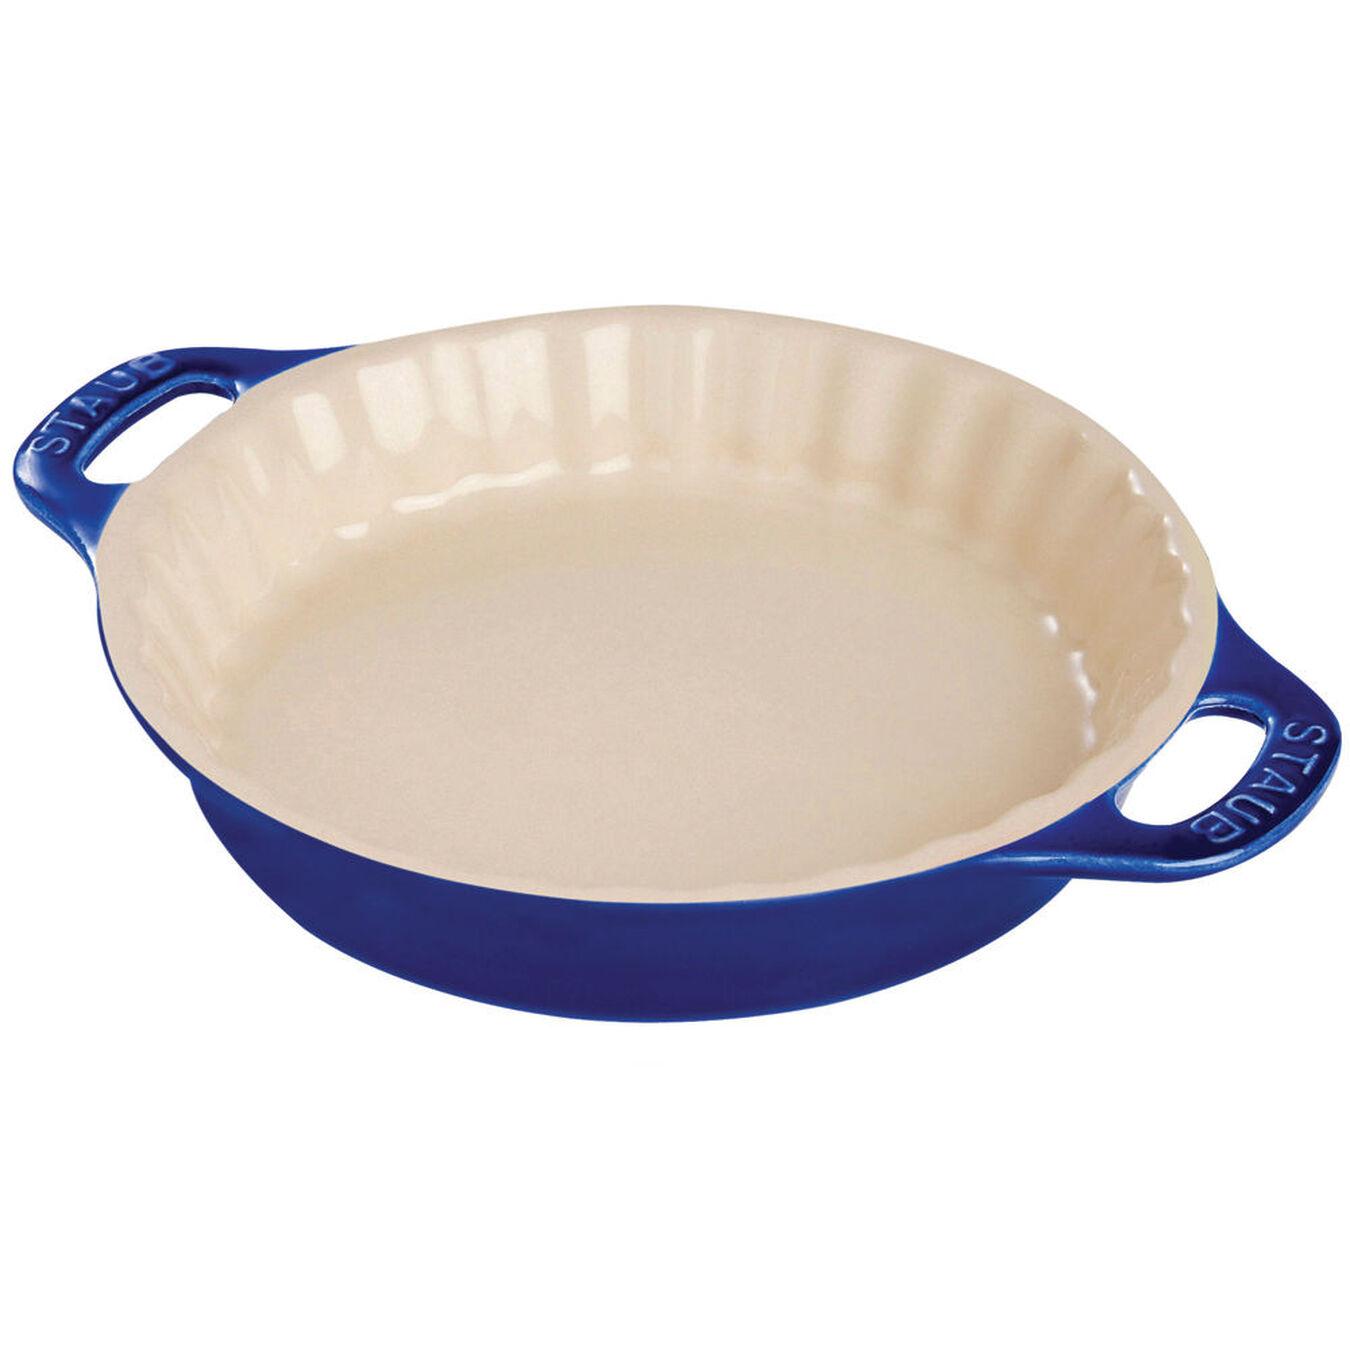 9-inch Pie Dish - Dark Blue,,large 1